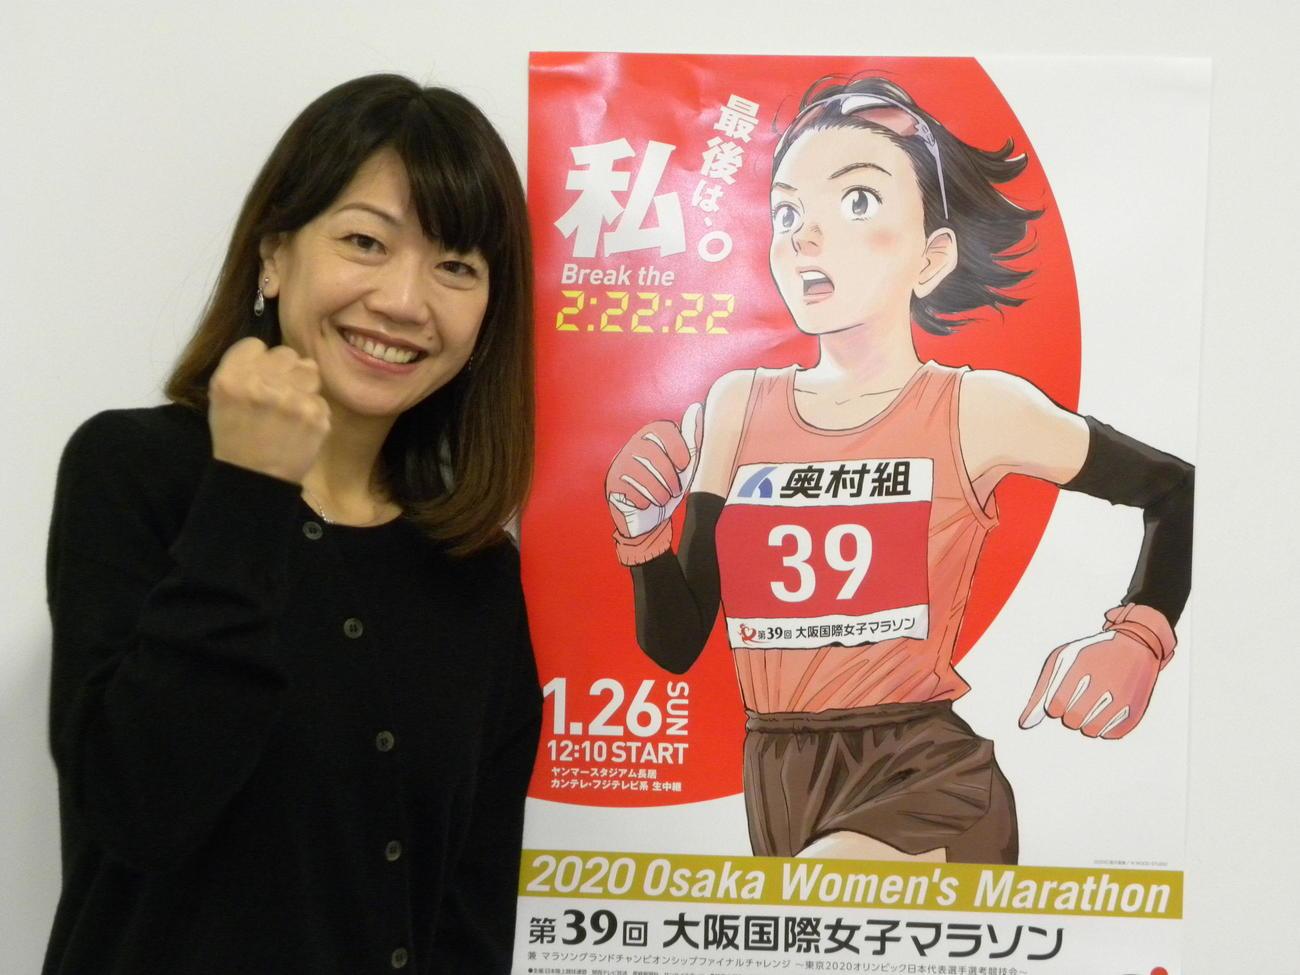 大阪国際女子マラソンの見どころを説明した高橋尚子さん(撮影・松本航)